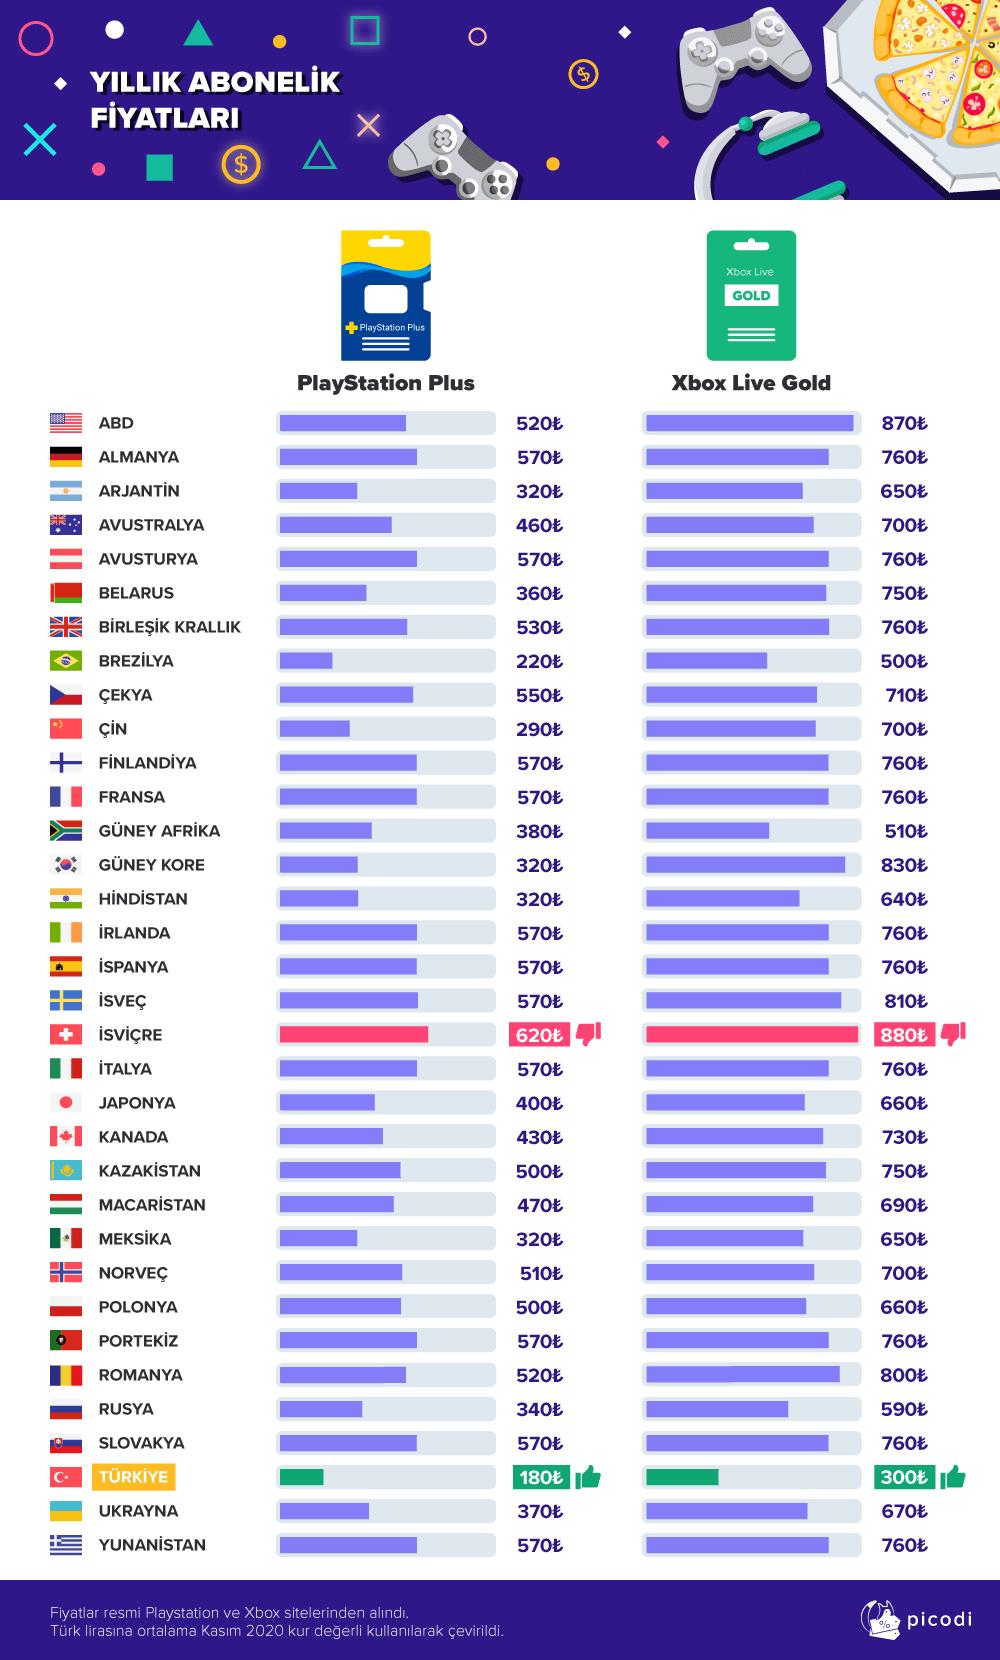 Oyuncu Olmanın Maliyeti: Dünya Genelindeki Fiyatlar